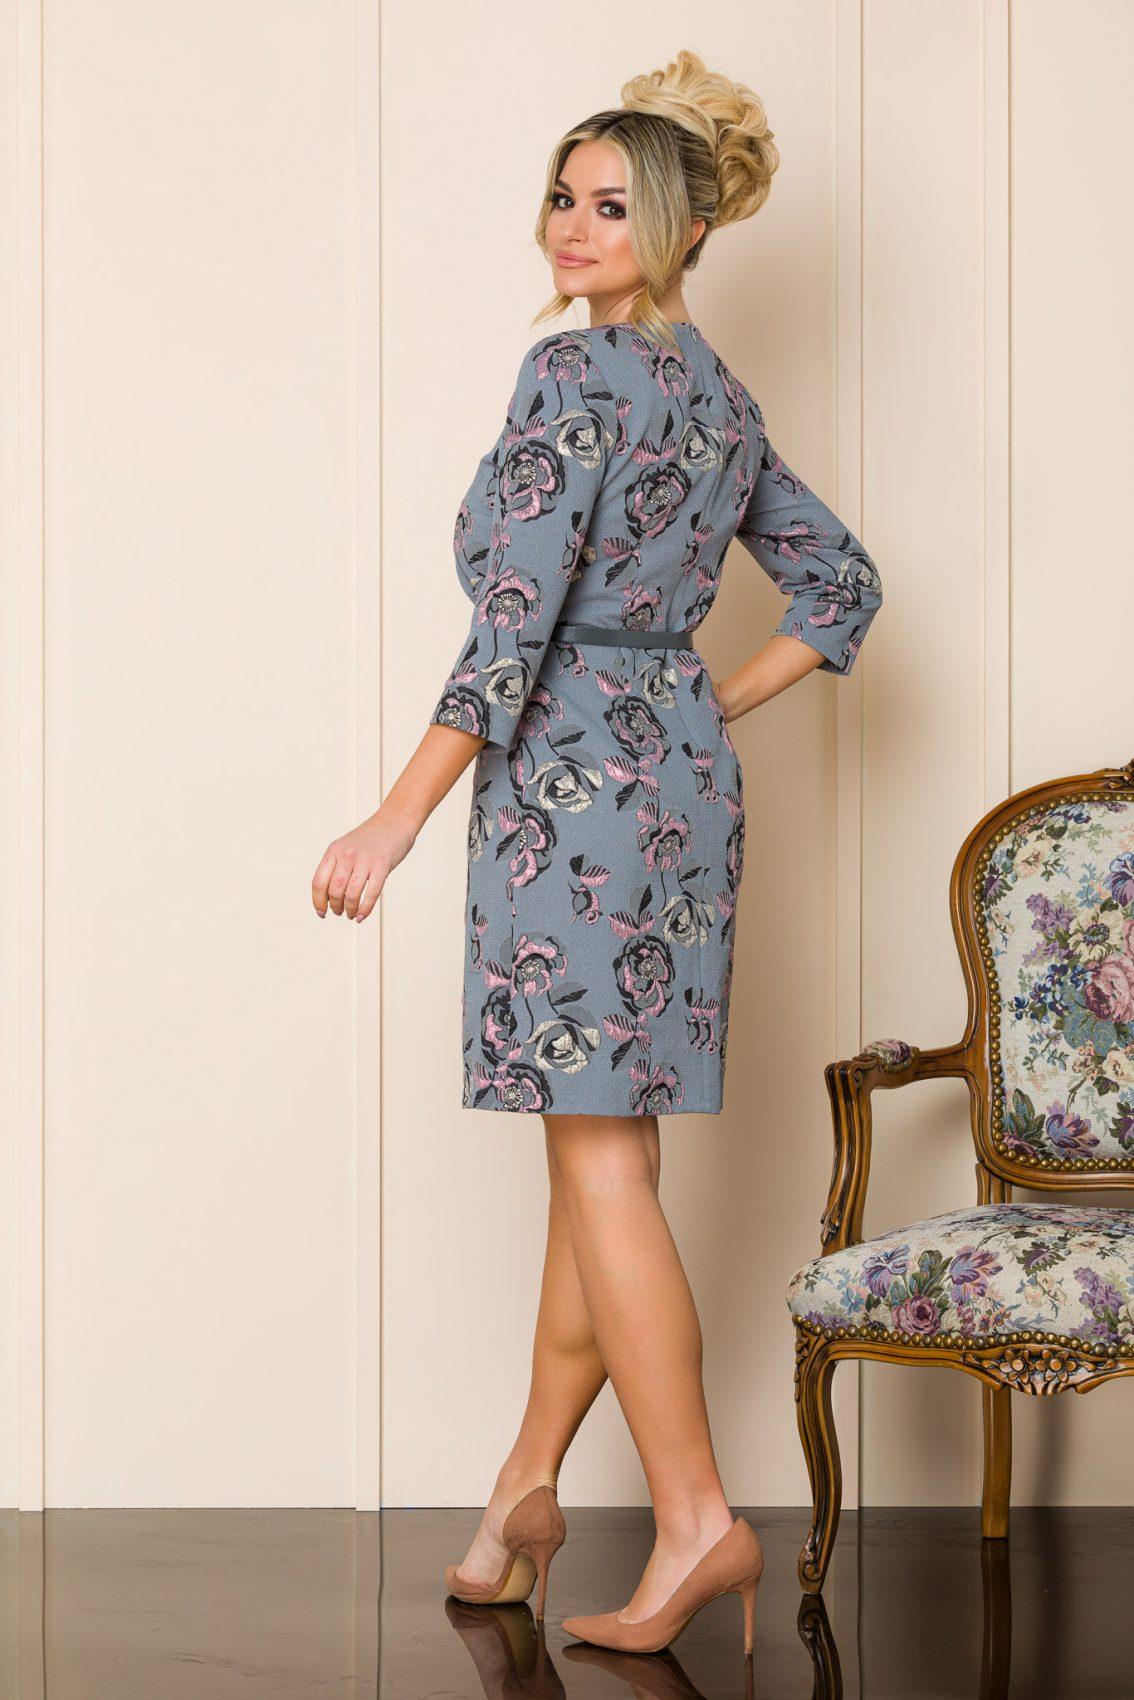 Γκρι Φλοράλ Φόρεμα Με Ζώνη Sabria 9901 2